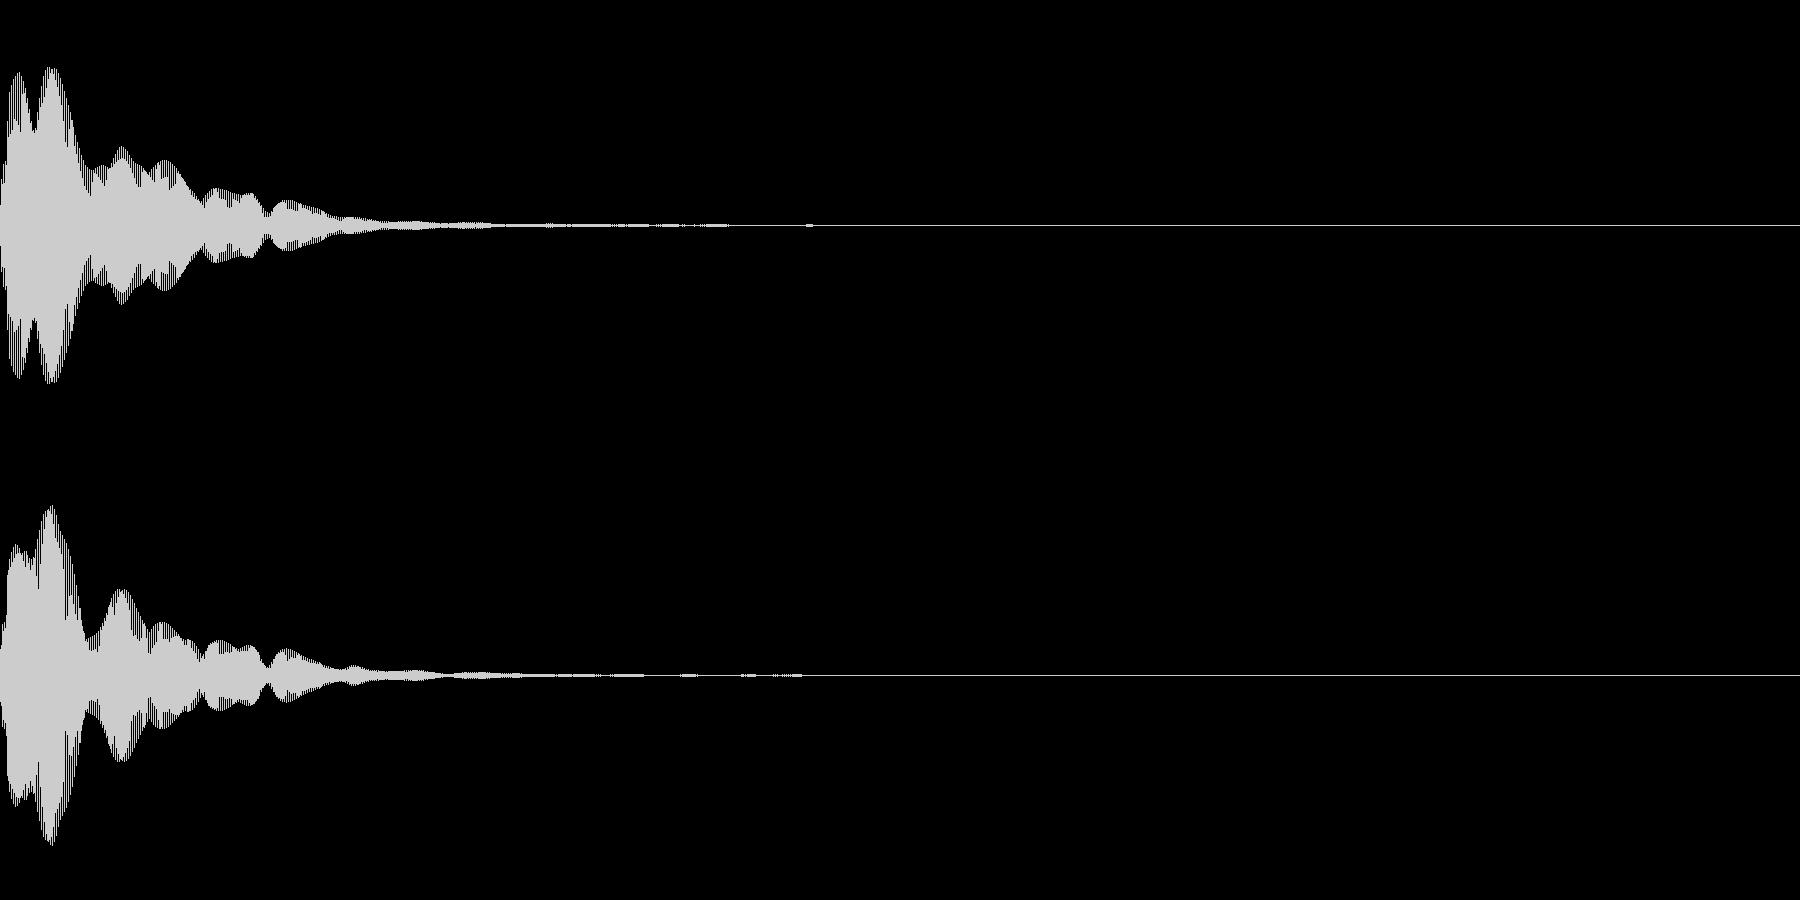 ふわん(柔らかい決定音)の未再生の波形